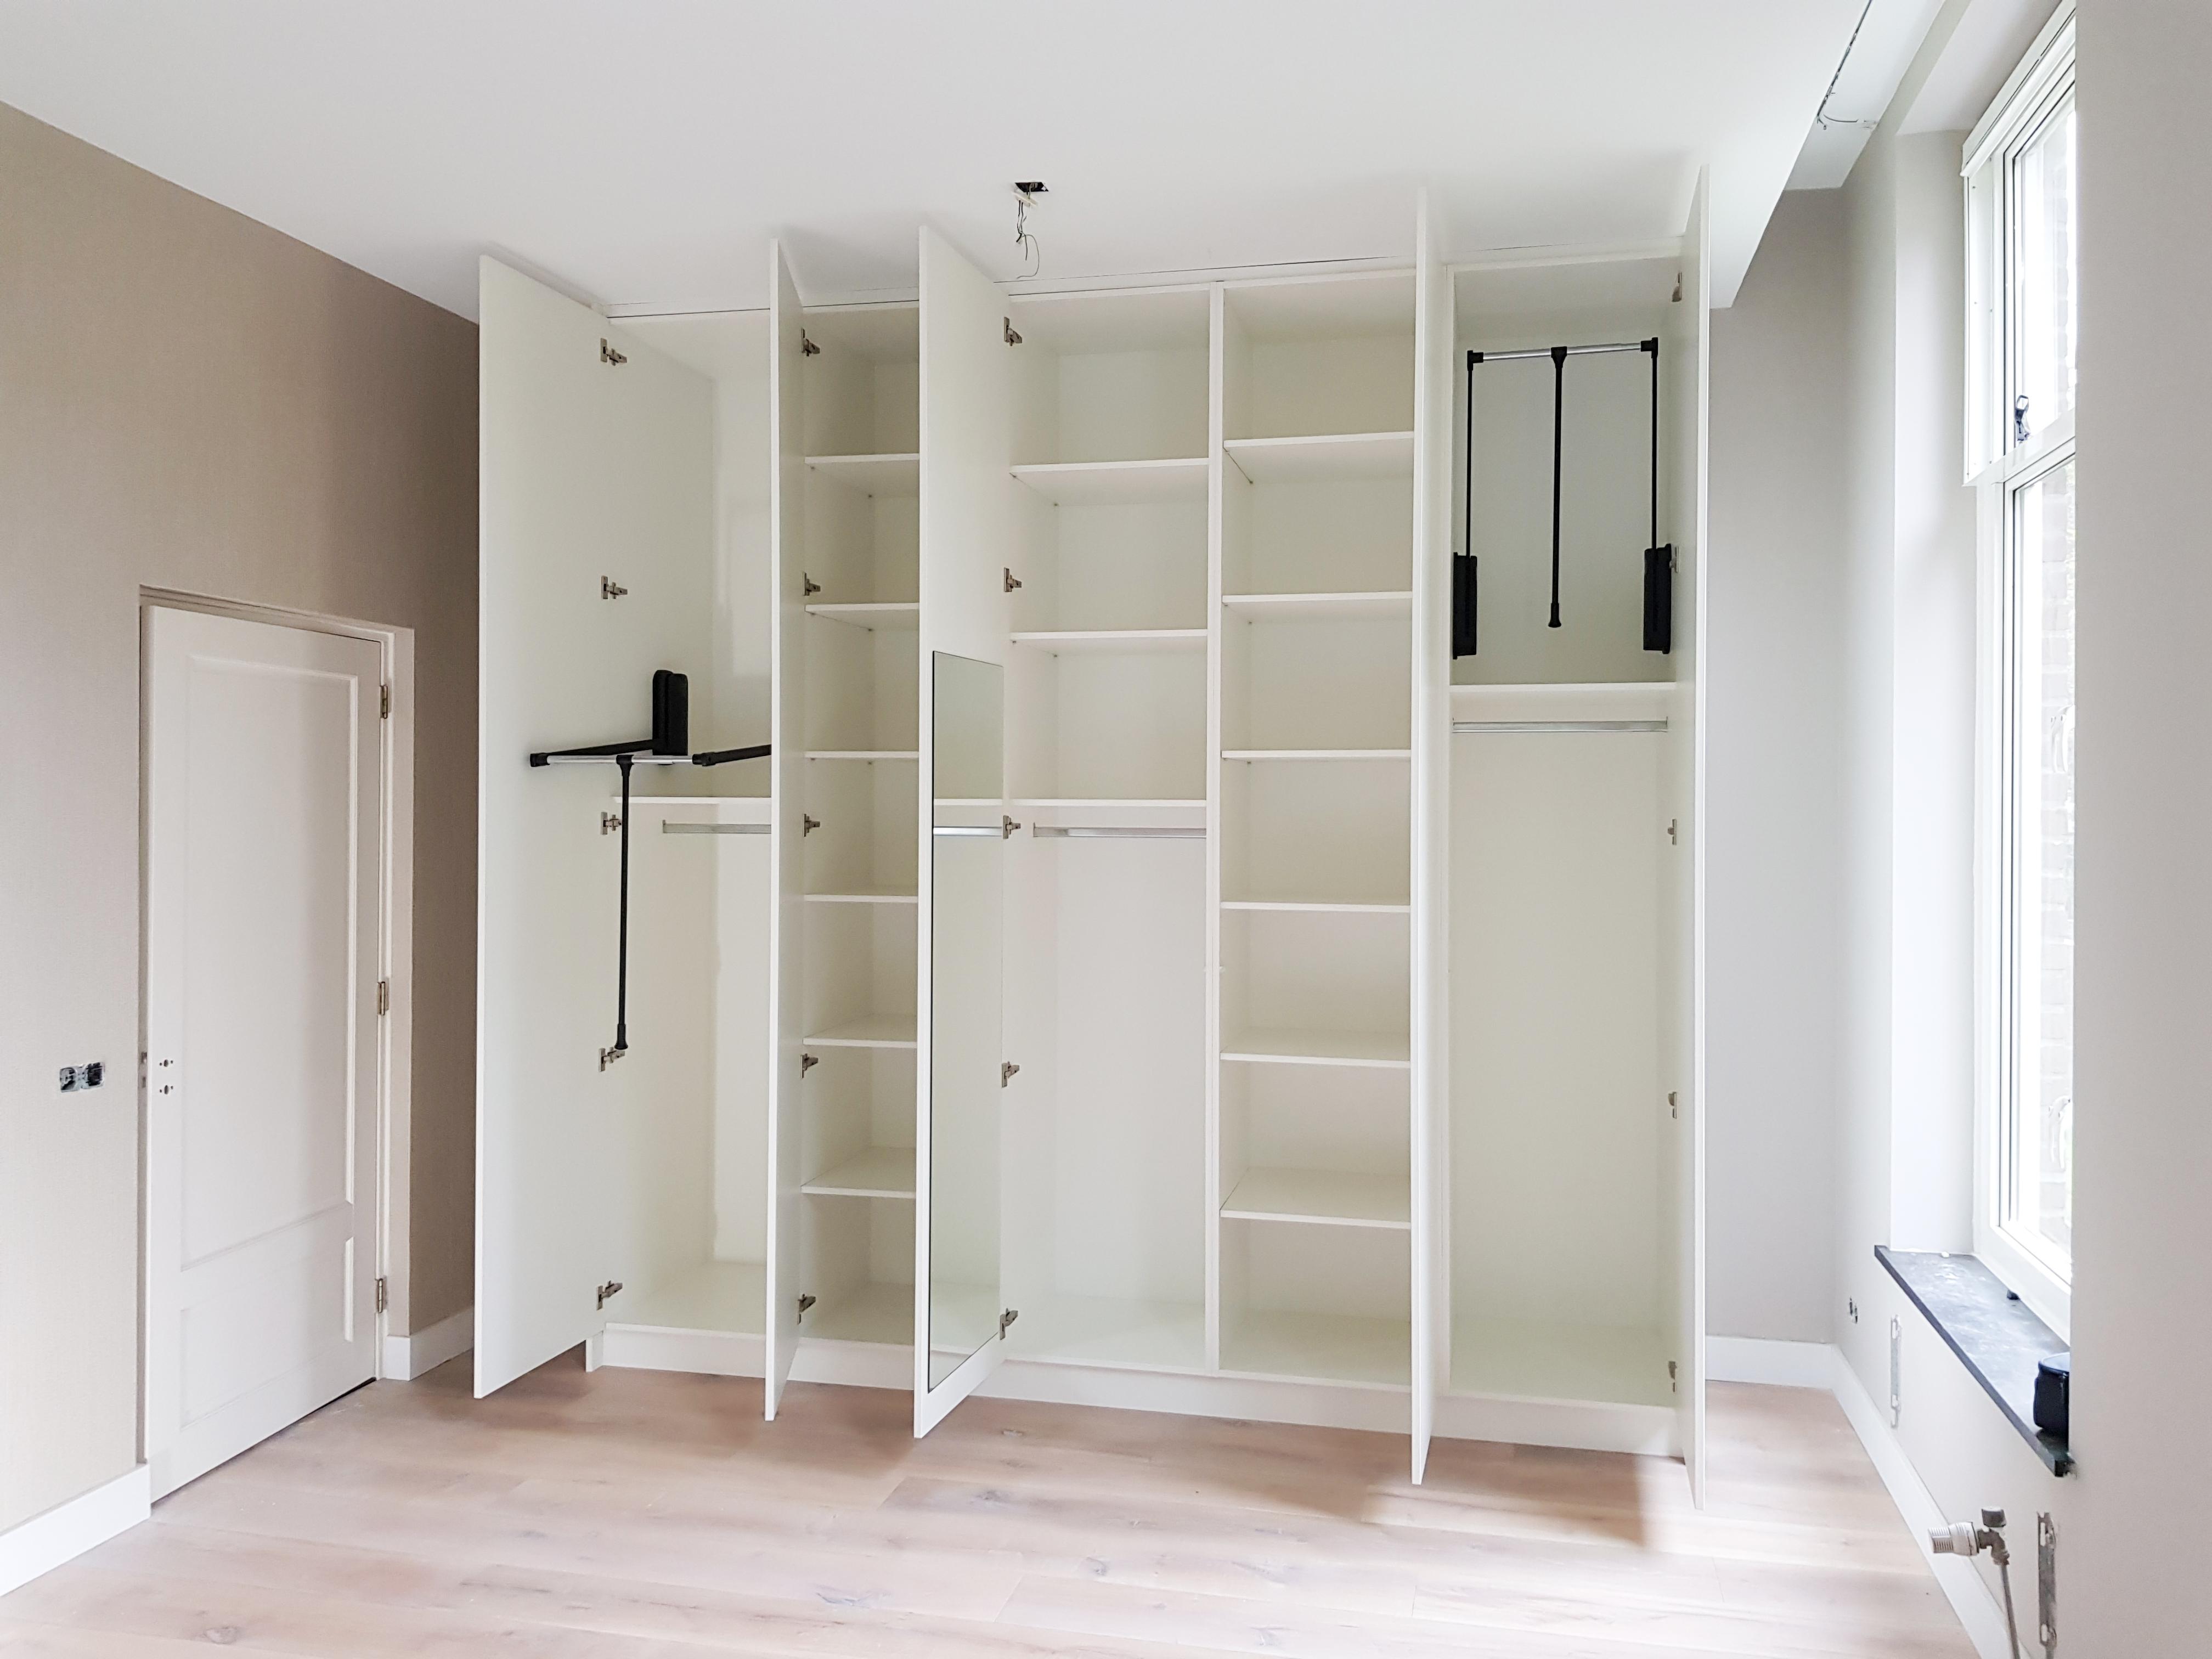 Slaapkamer | Kasten | Mooi op Maat | Interieurbouwer | Etten-Leur